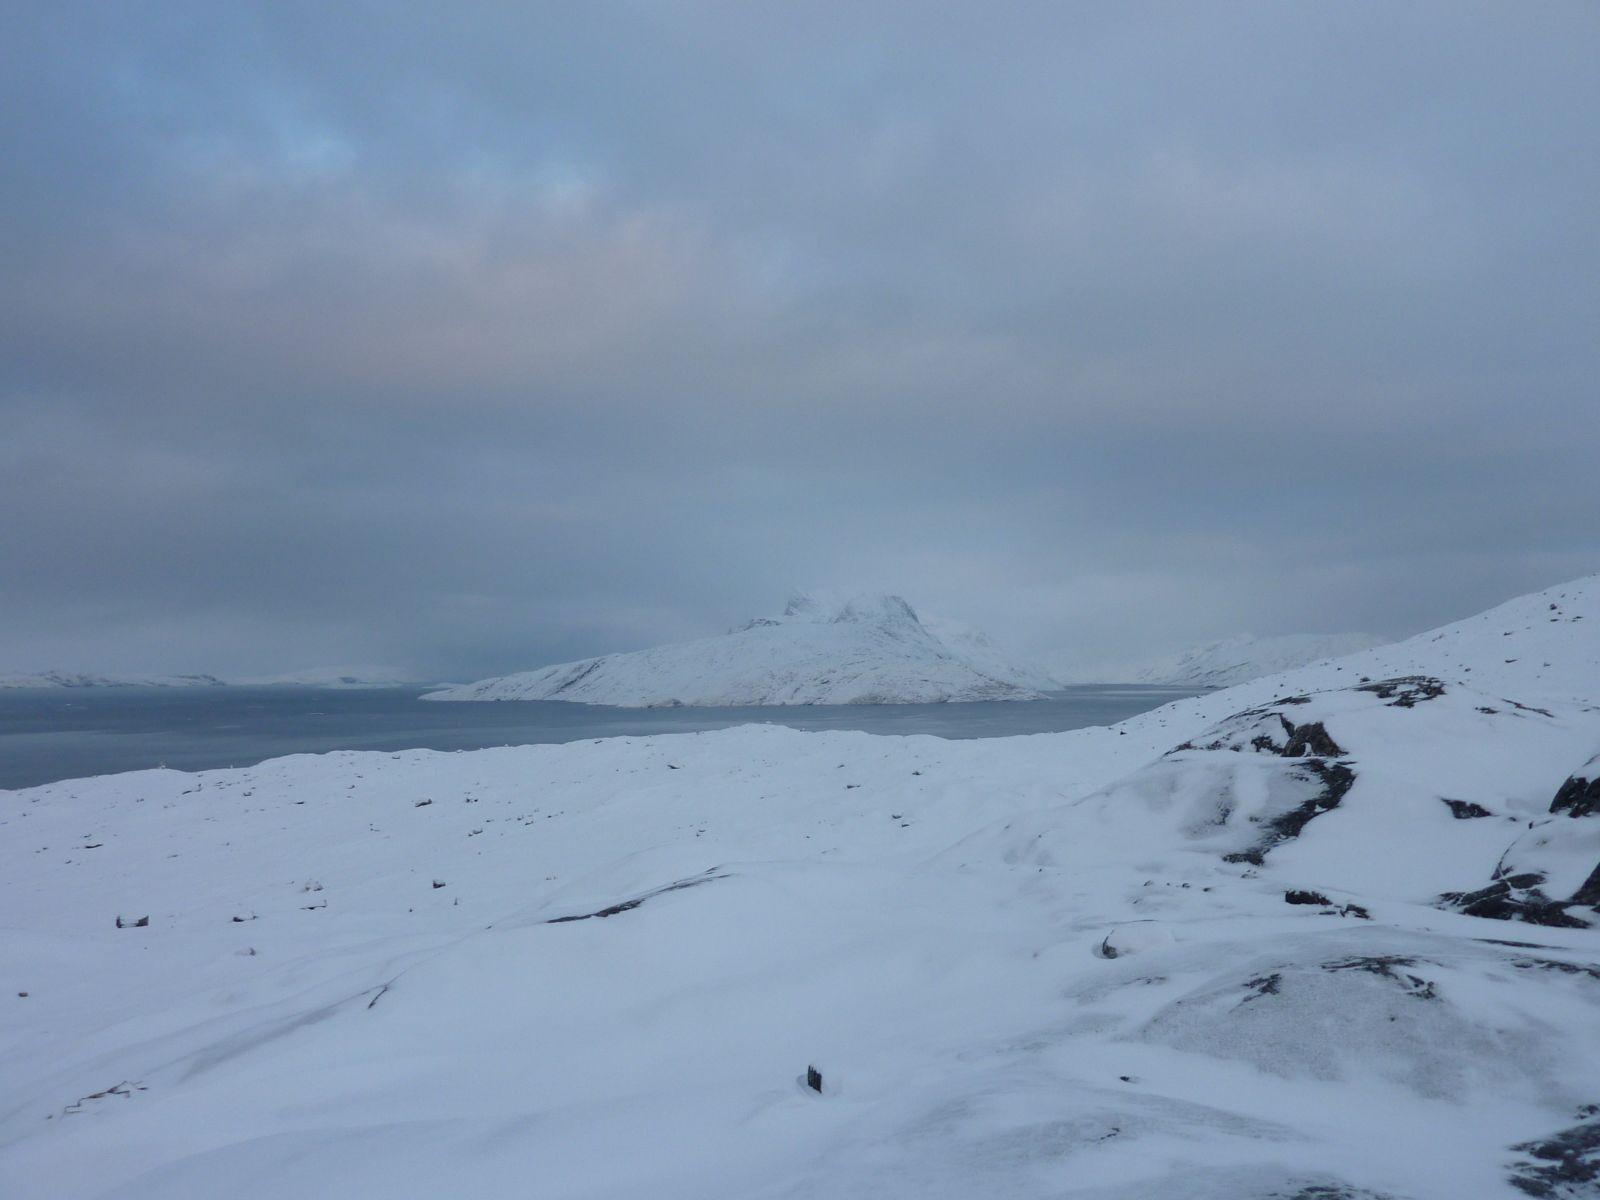 2010-11-15-1530_-_Sermitsiaq